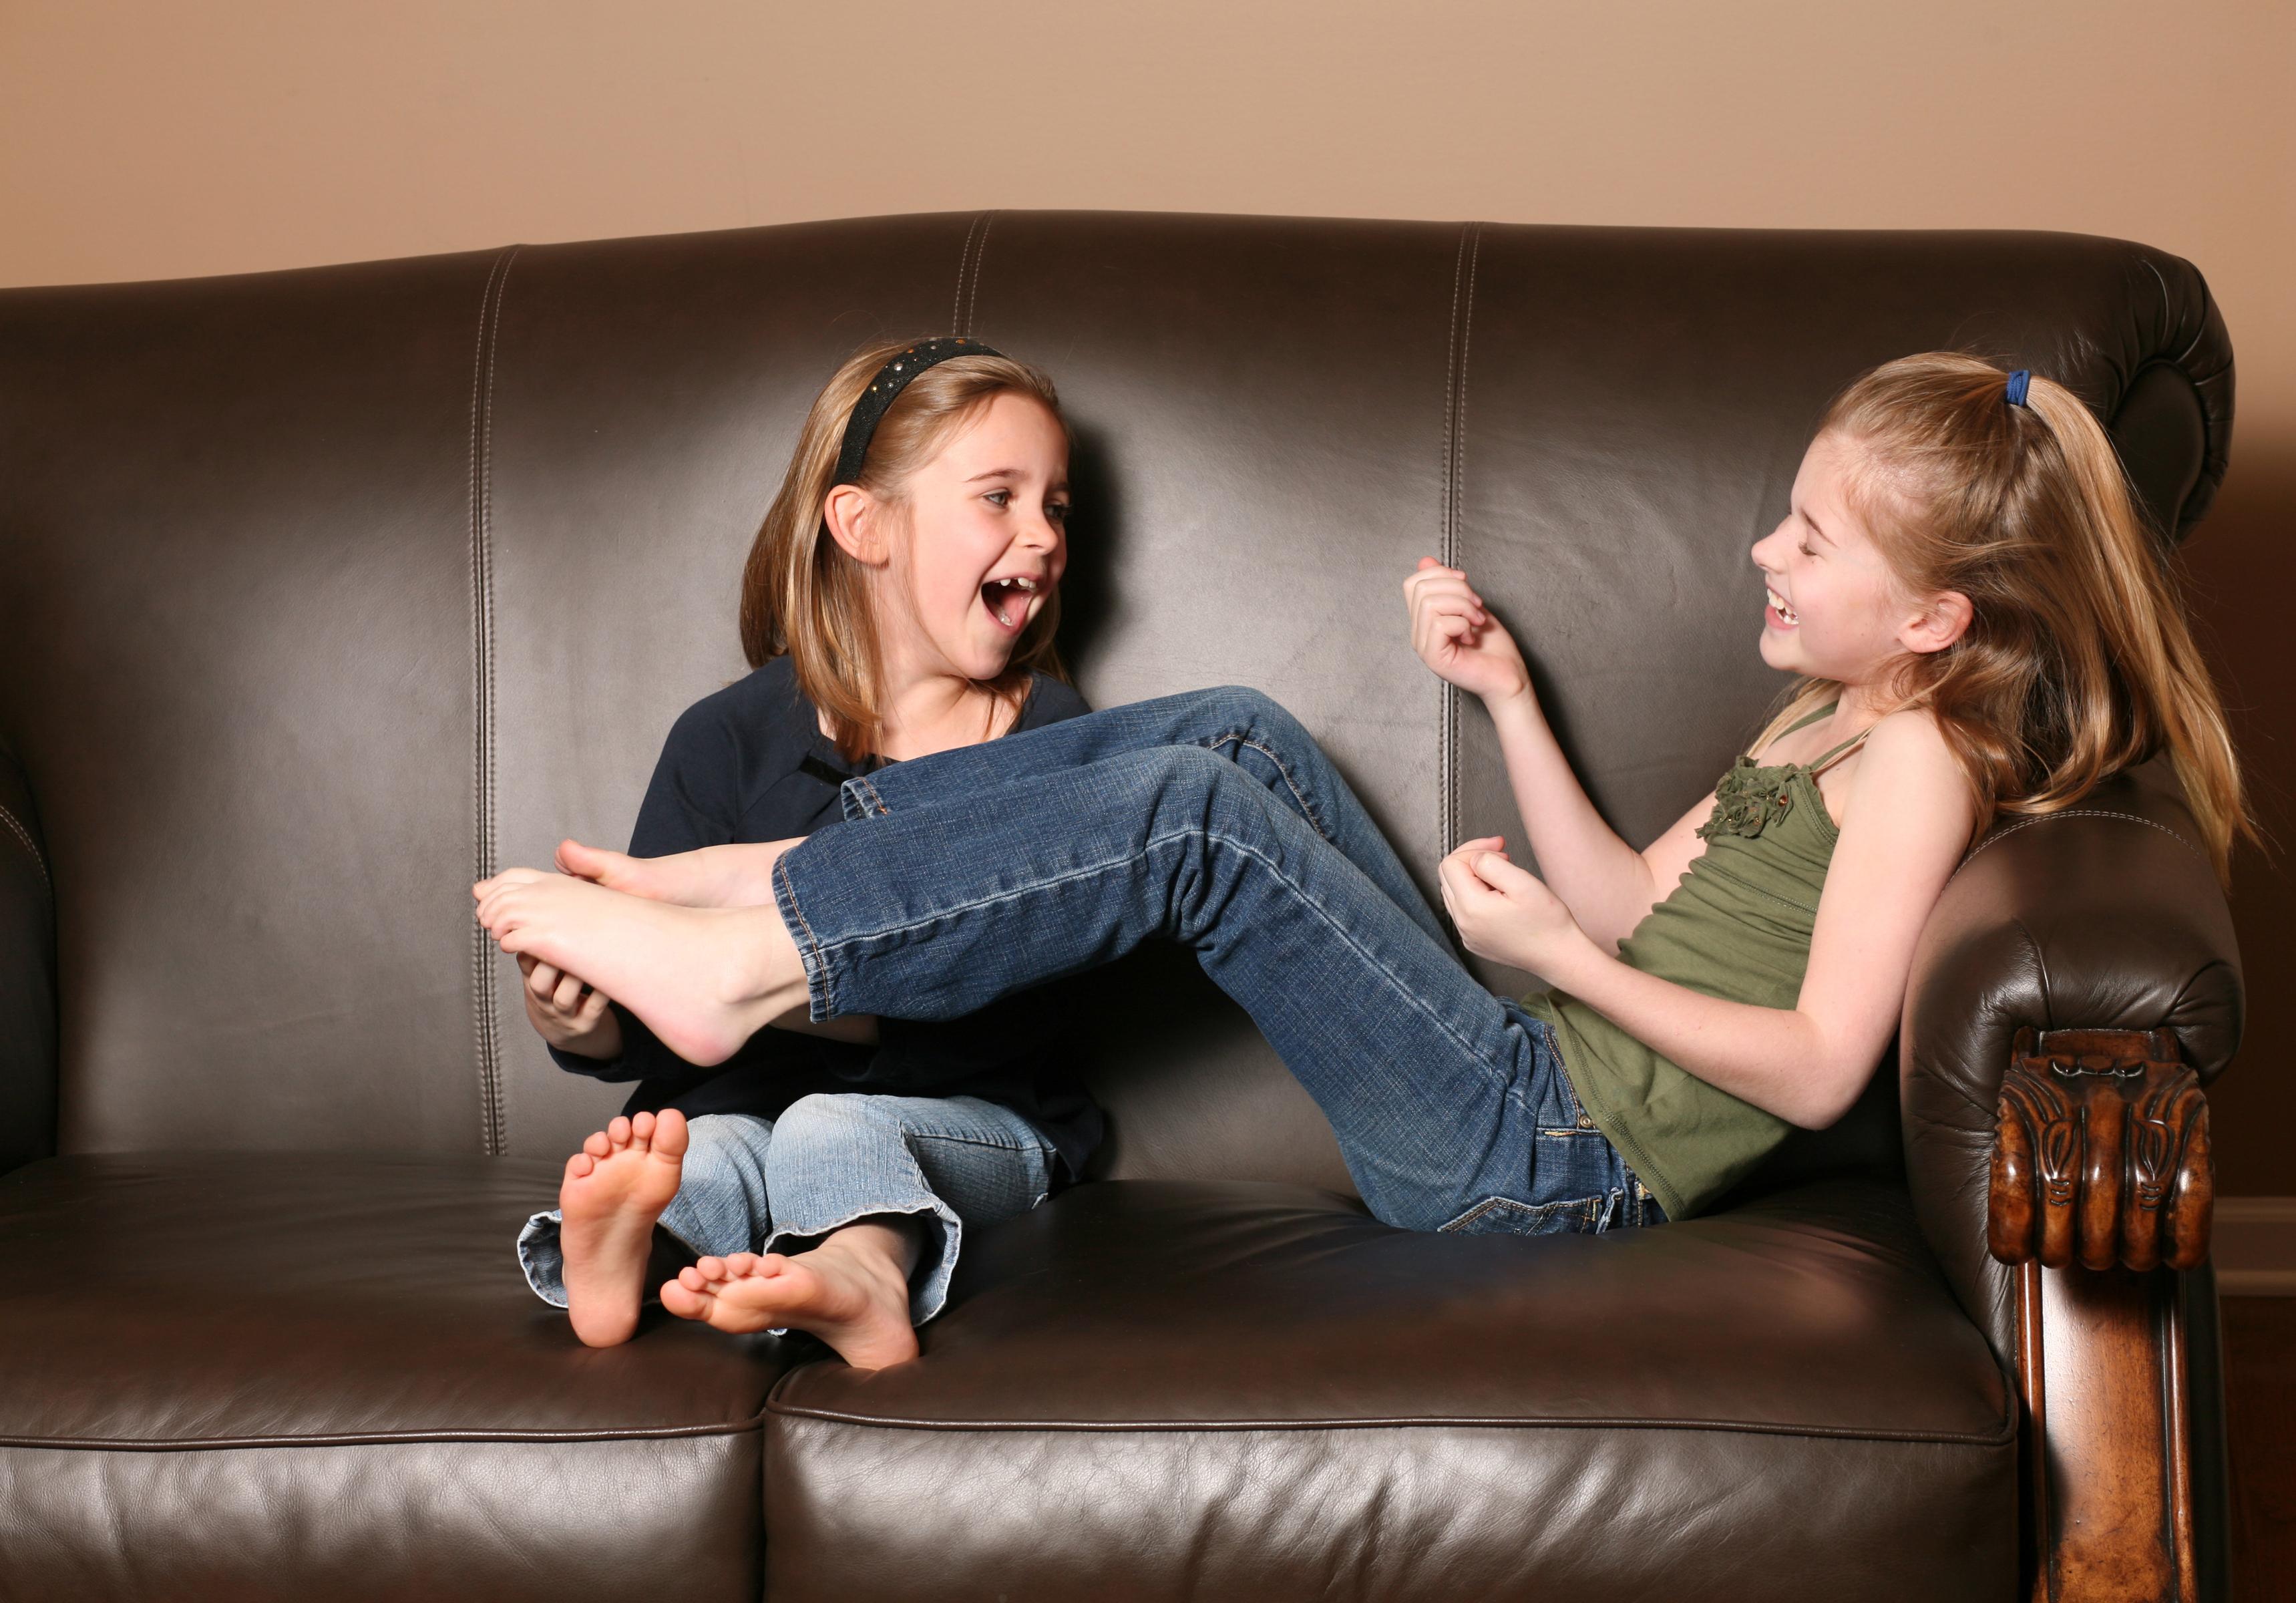 Посмотреть бесплатно feet fight girls 7 фотография